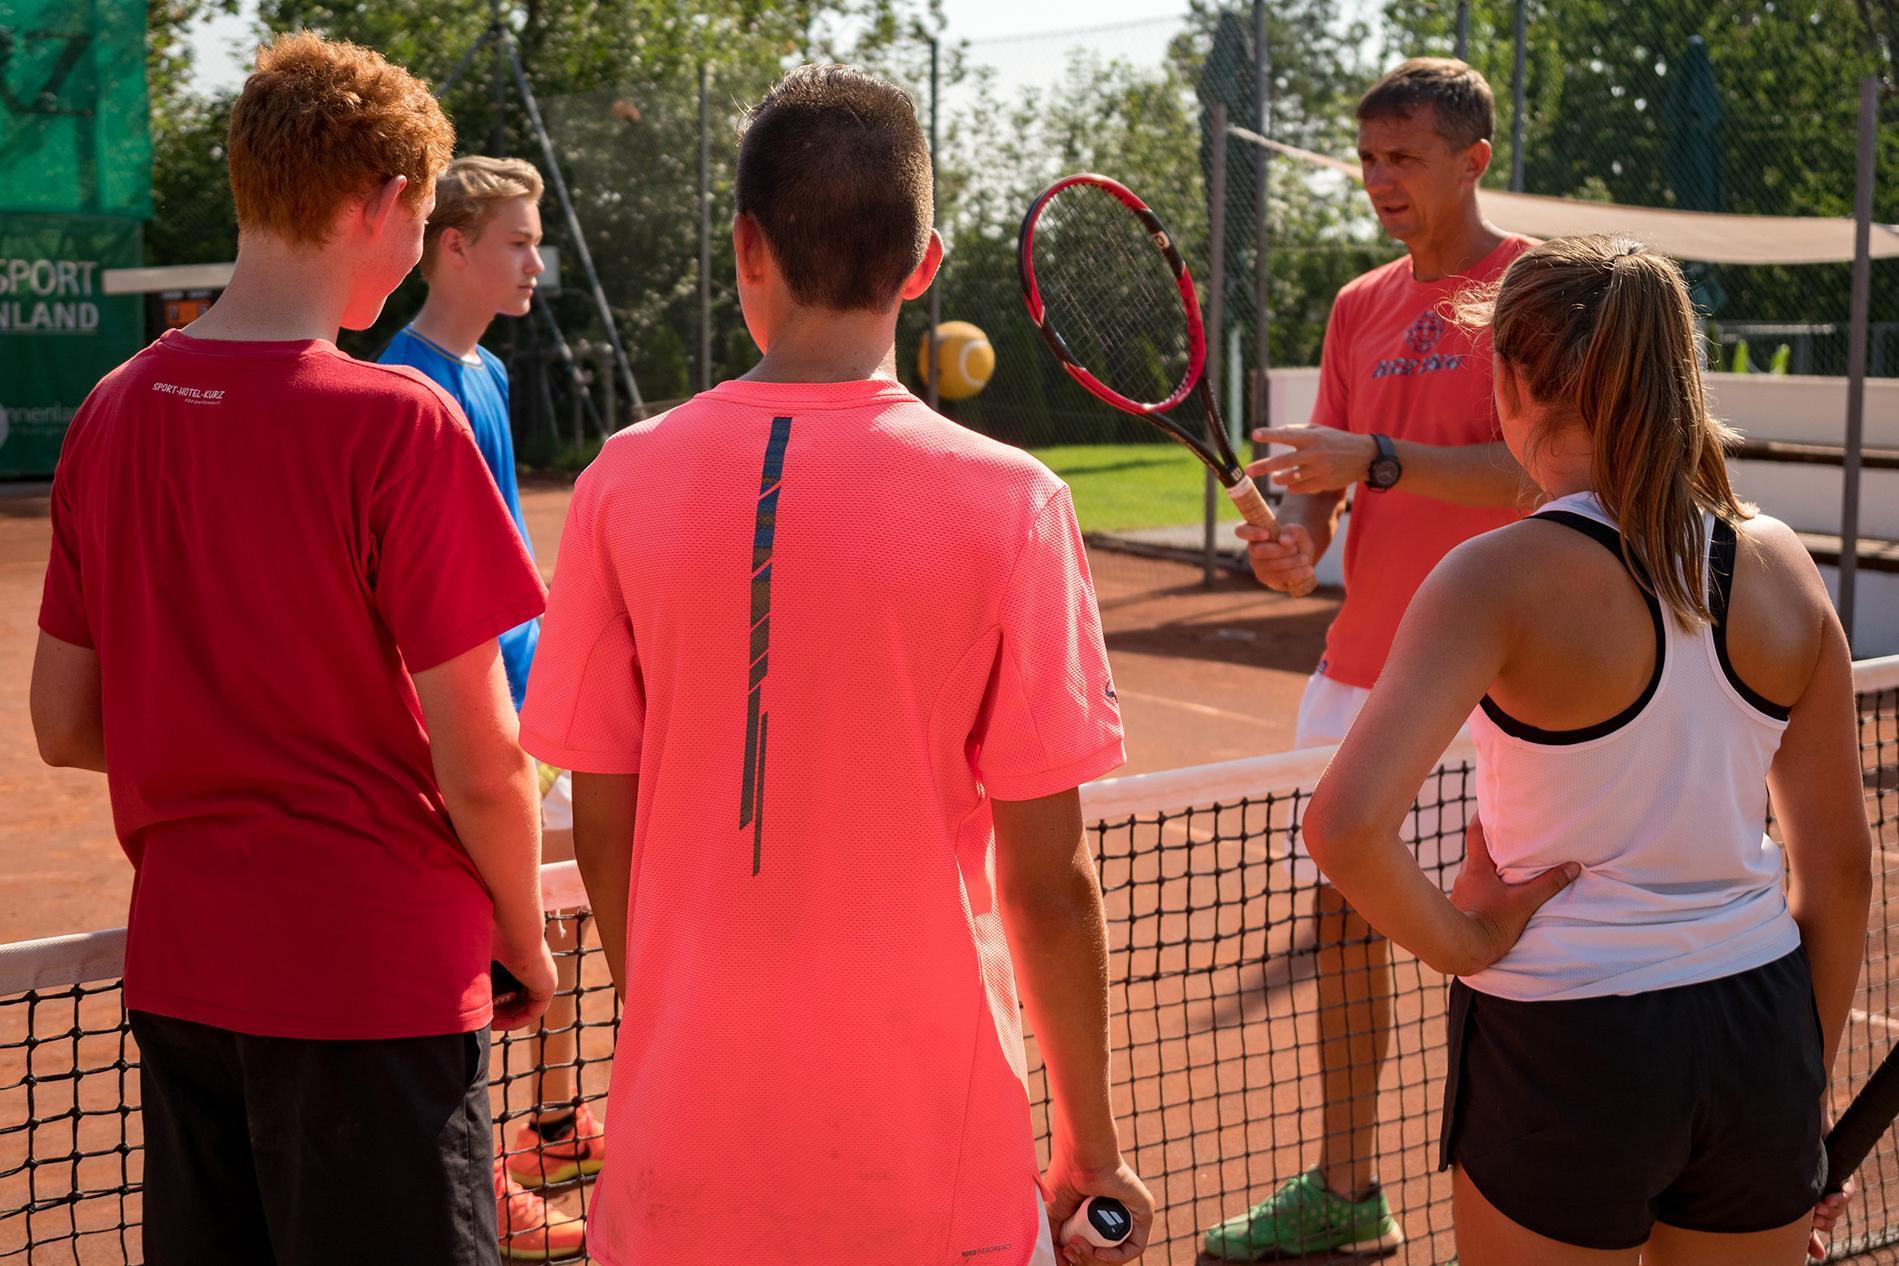 Erklärung Tennistrainer